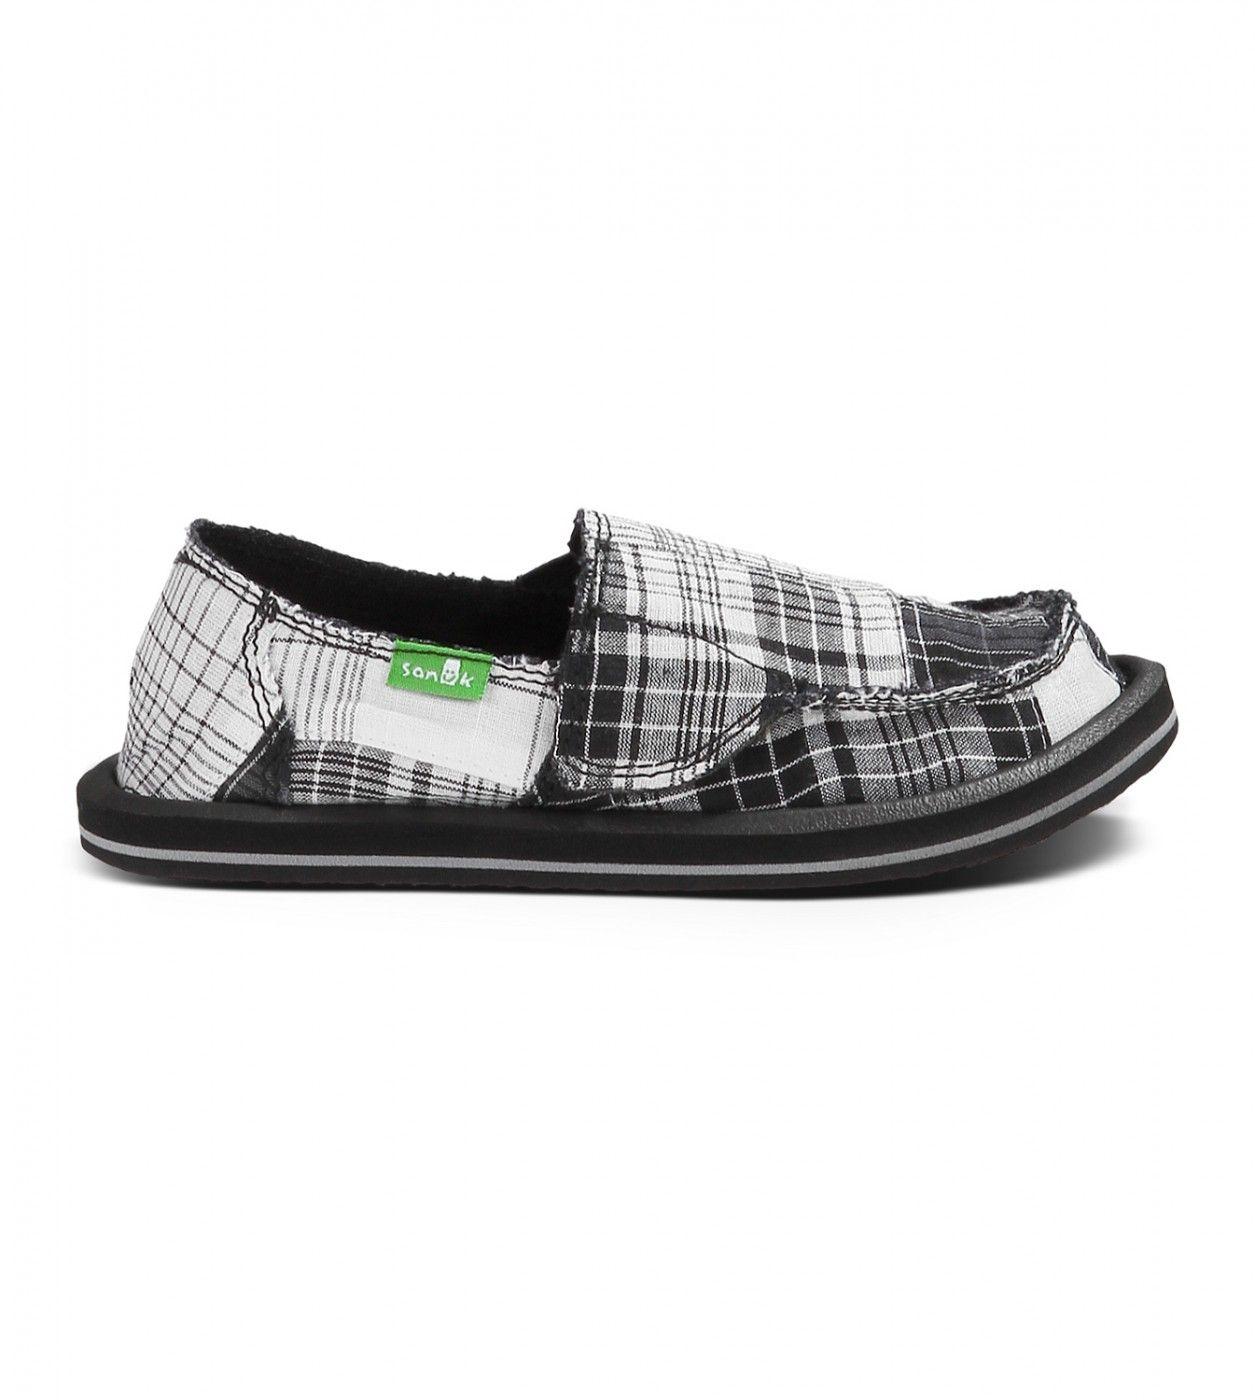 Zapatos rojos Sanuk infantiles vkX8JH